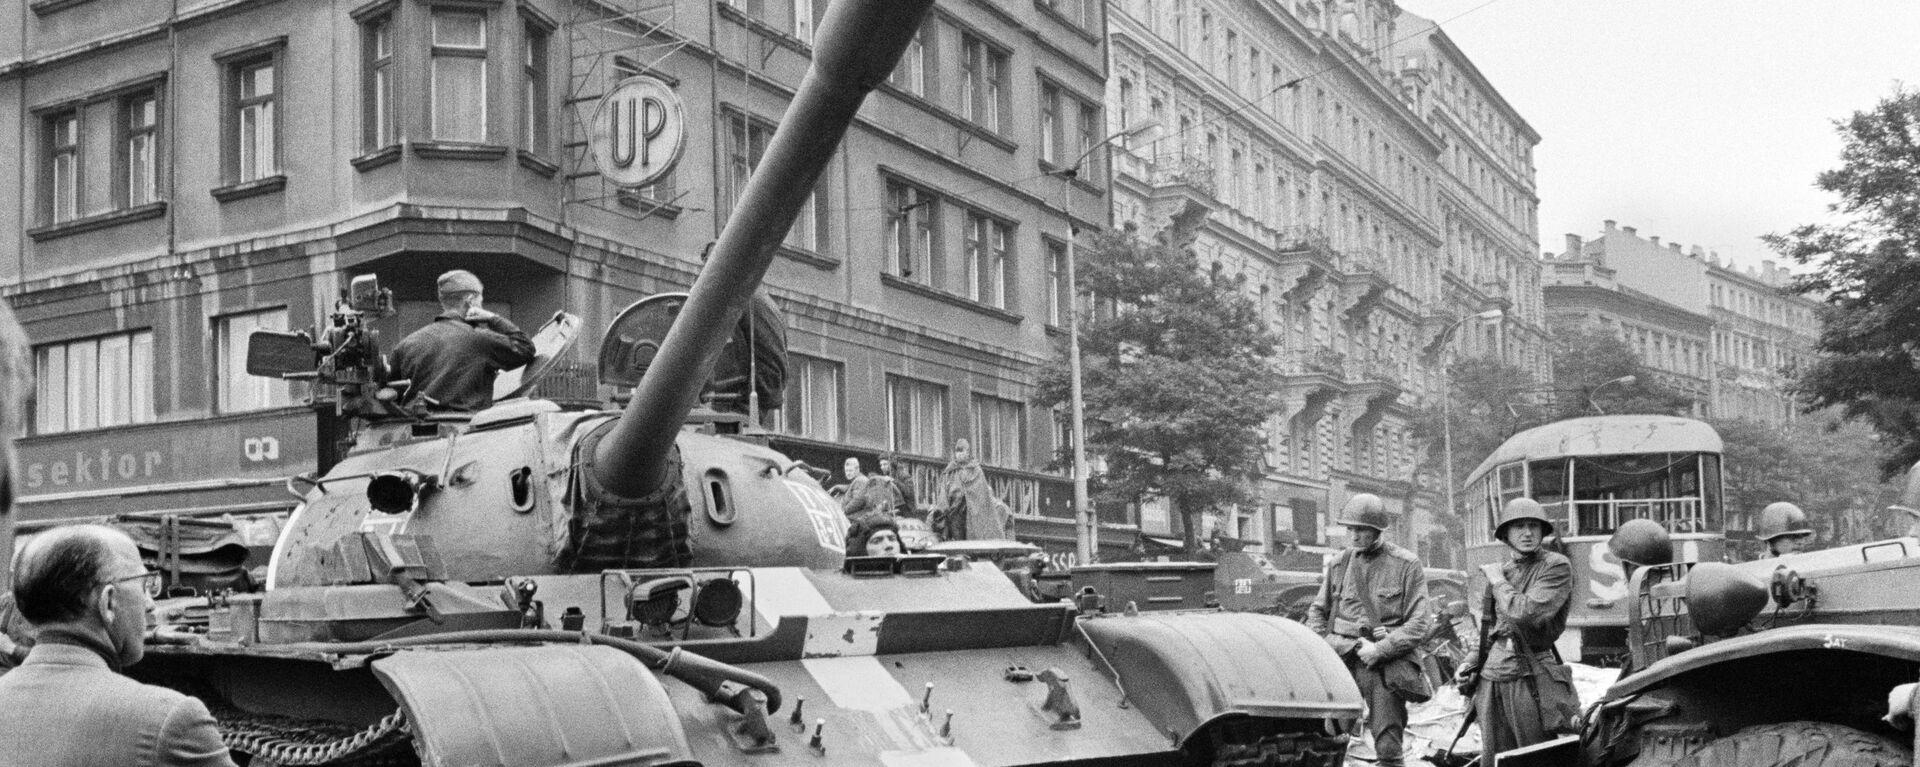 Sovětské tanky v ulicích Prahy, 1968 - Sputnik Česká republika, 1920, 21.08.2021